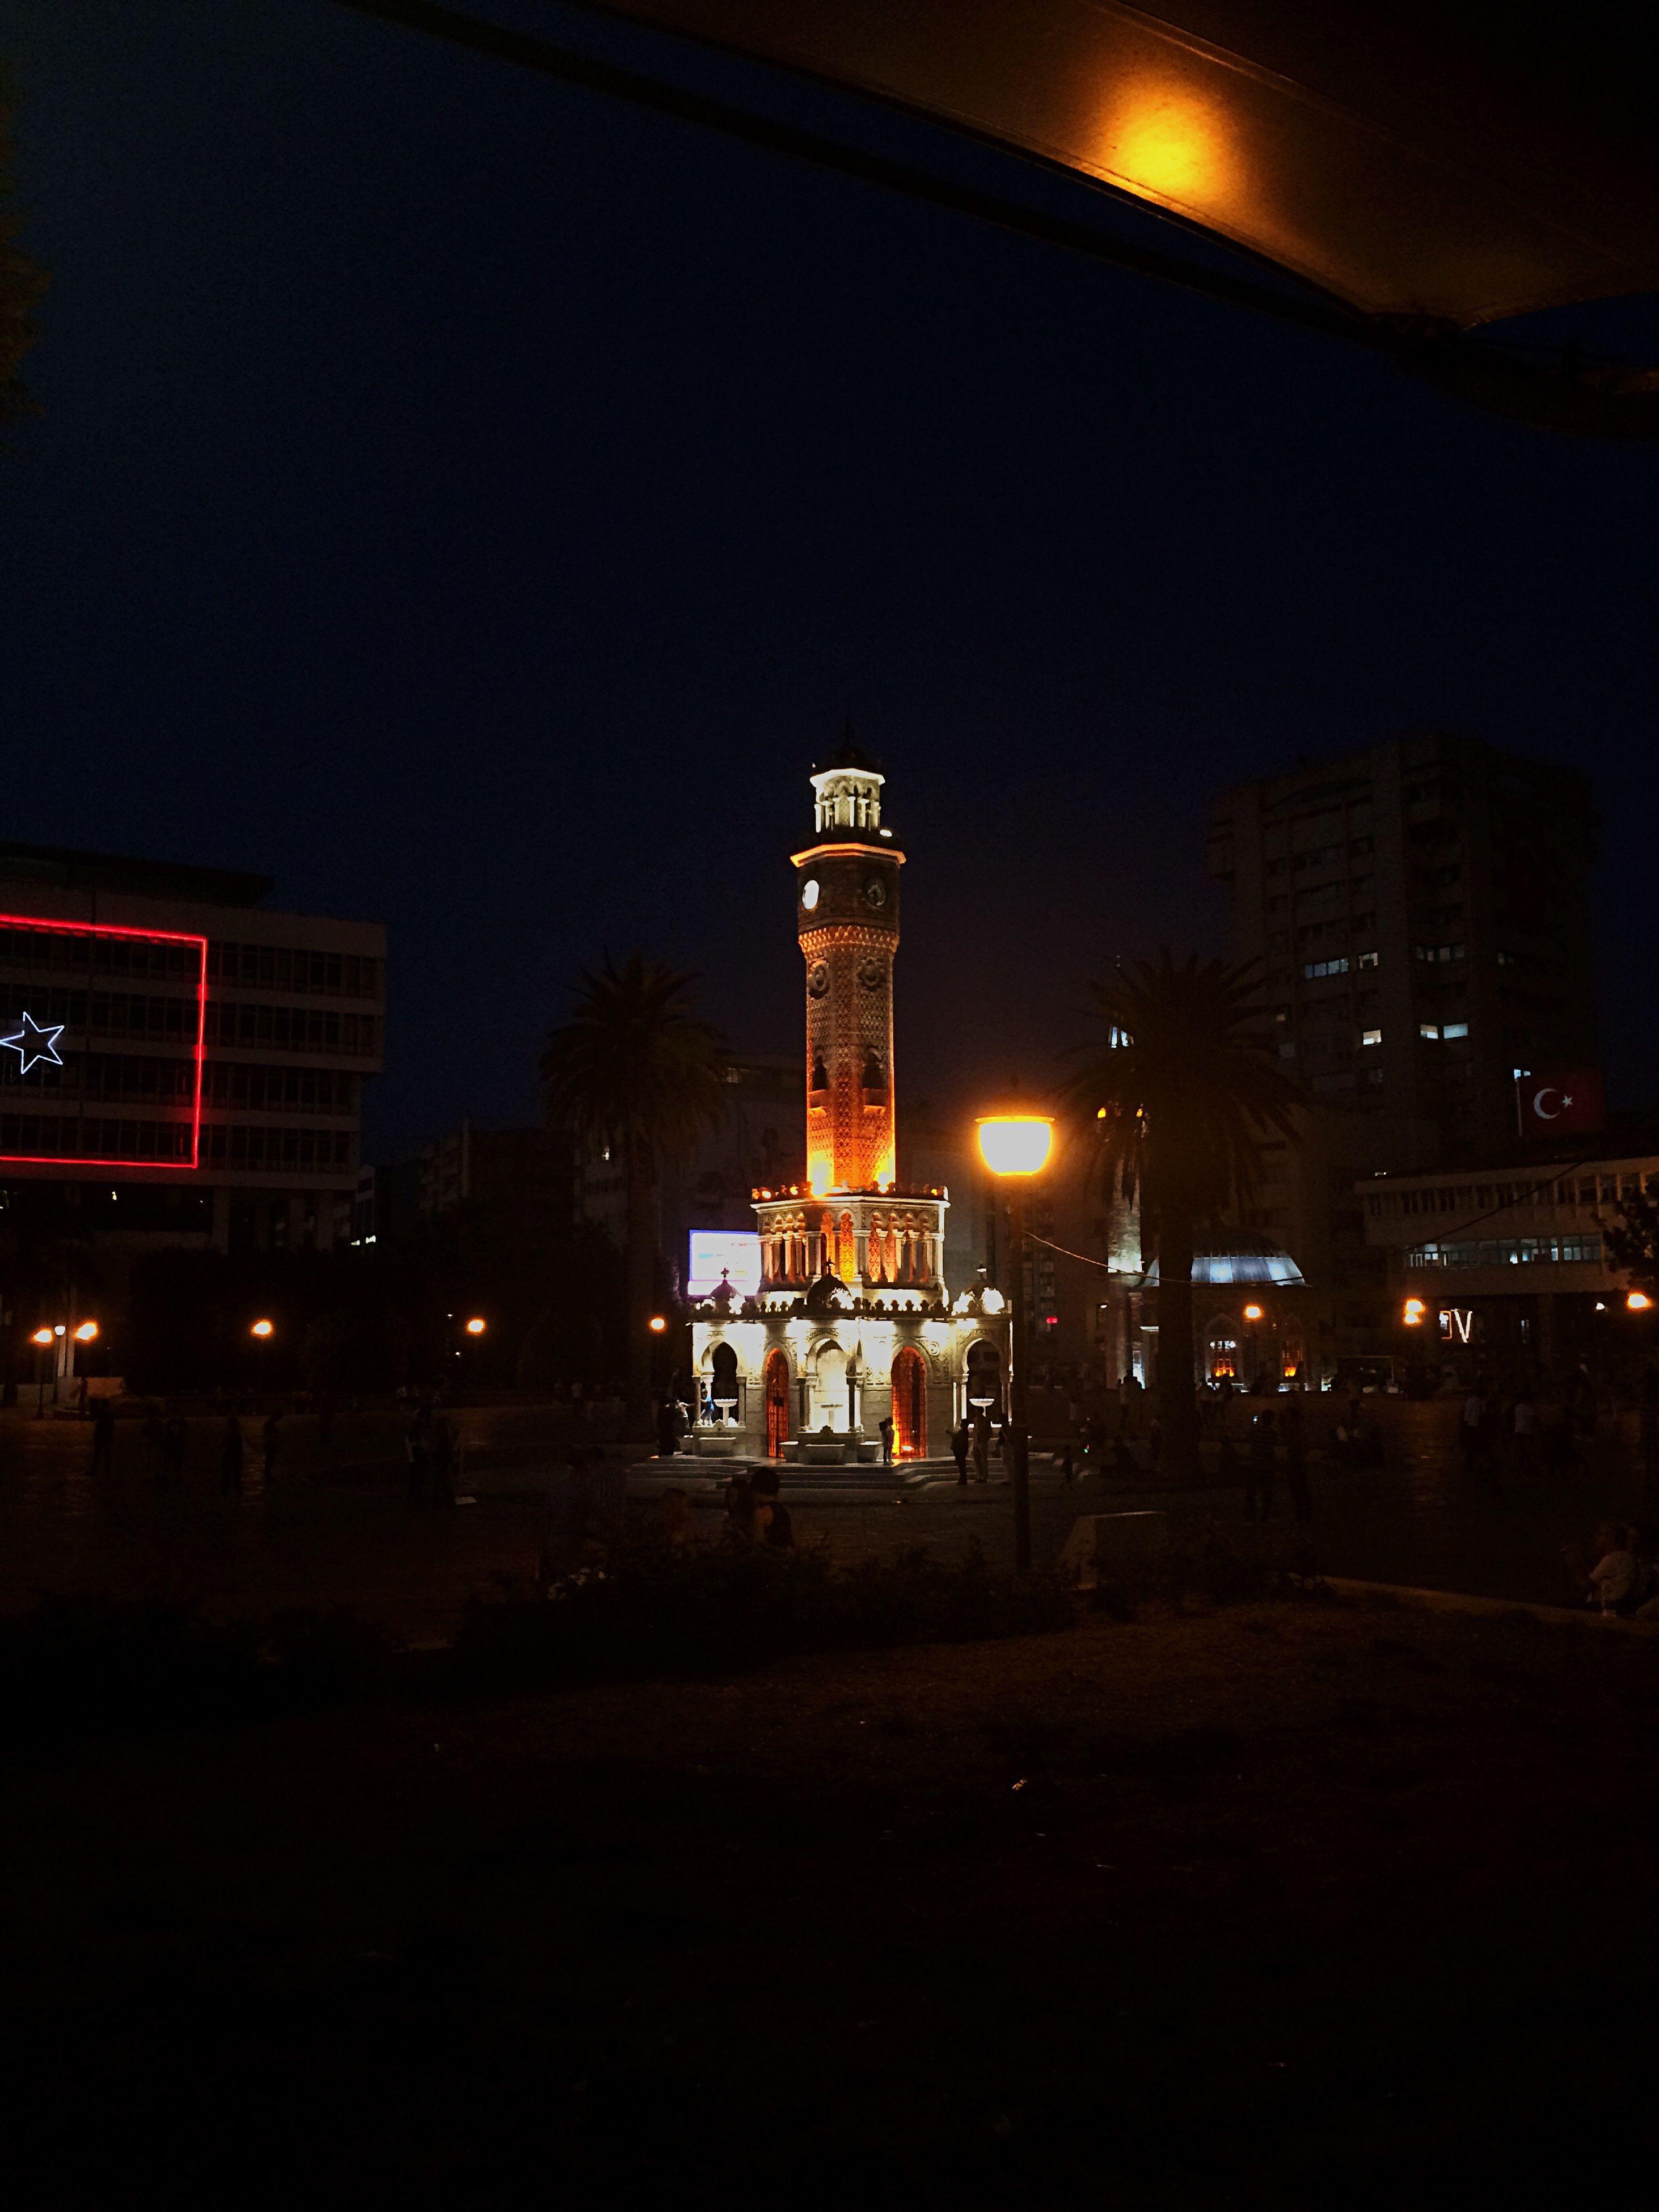 night, illuminated, city, city life, sky, outdoors, no people